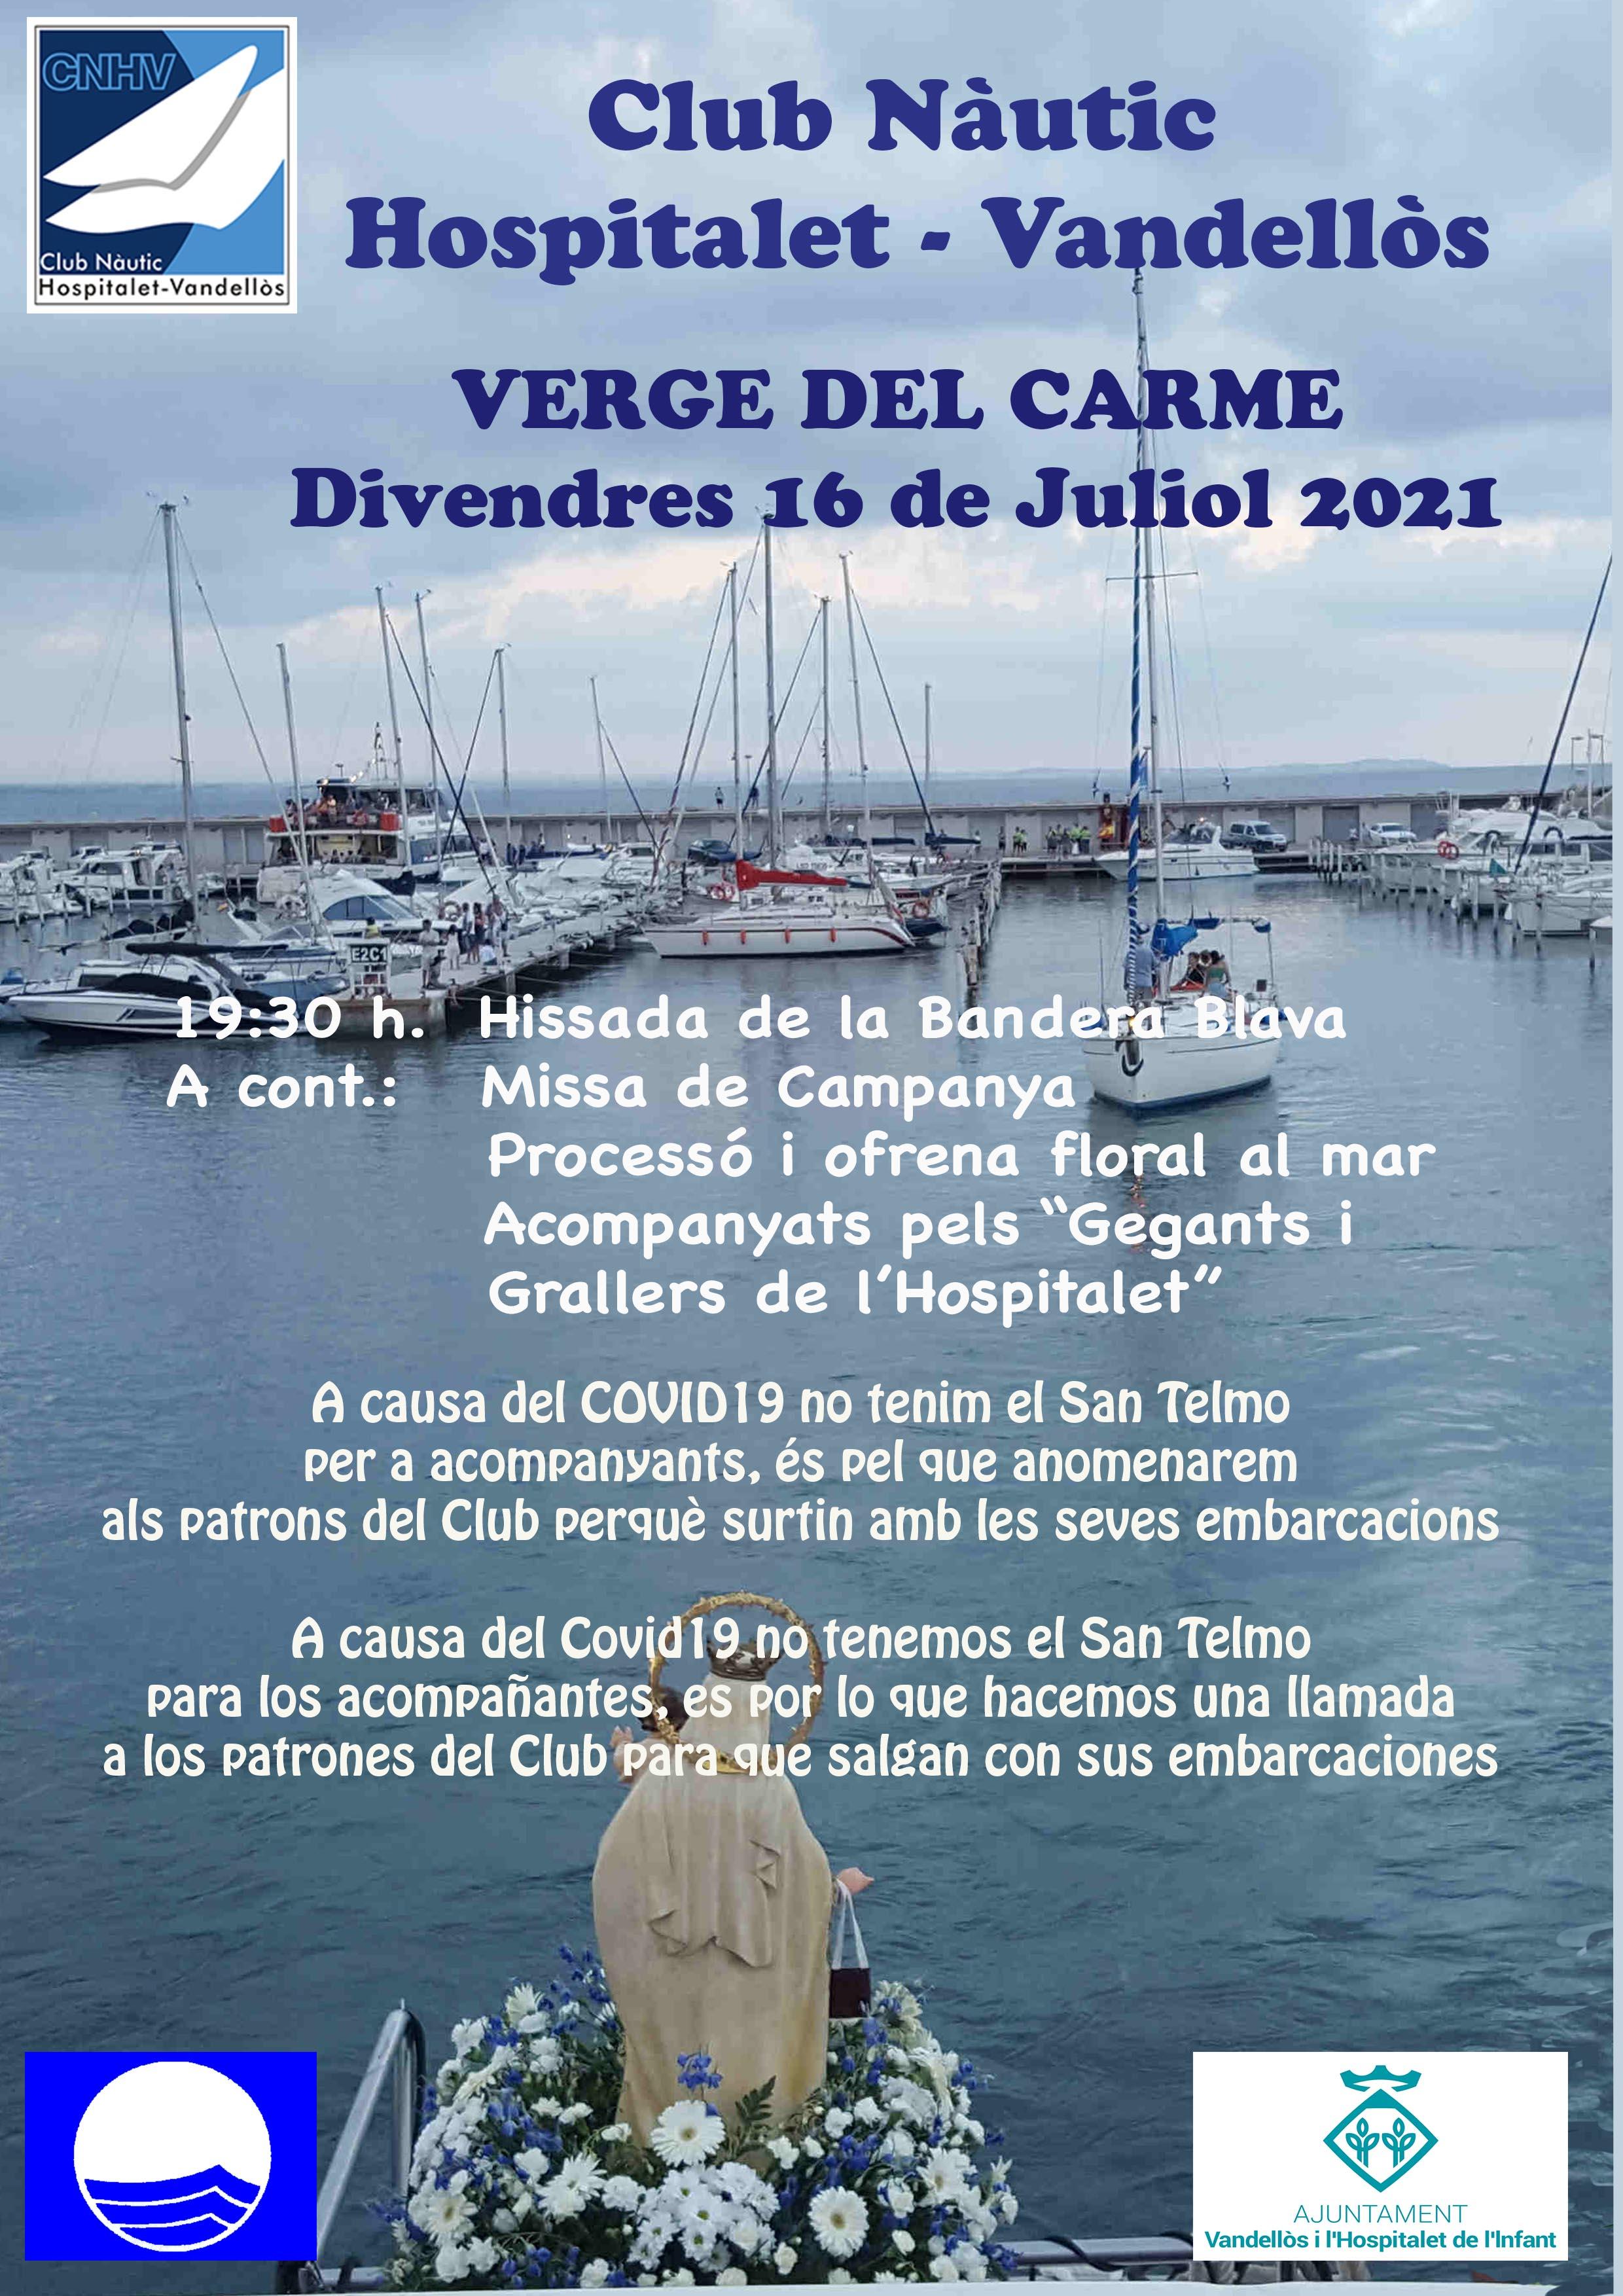 Celebració de la festivitat de la Verge del Carme / 16-7-2021, al port esportiu de l'Hospitalet de l'Infant